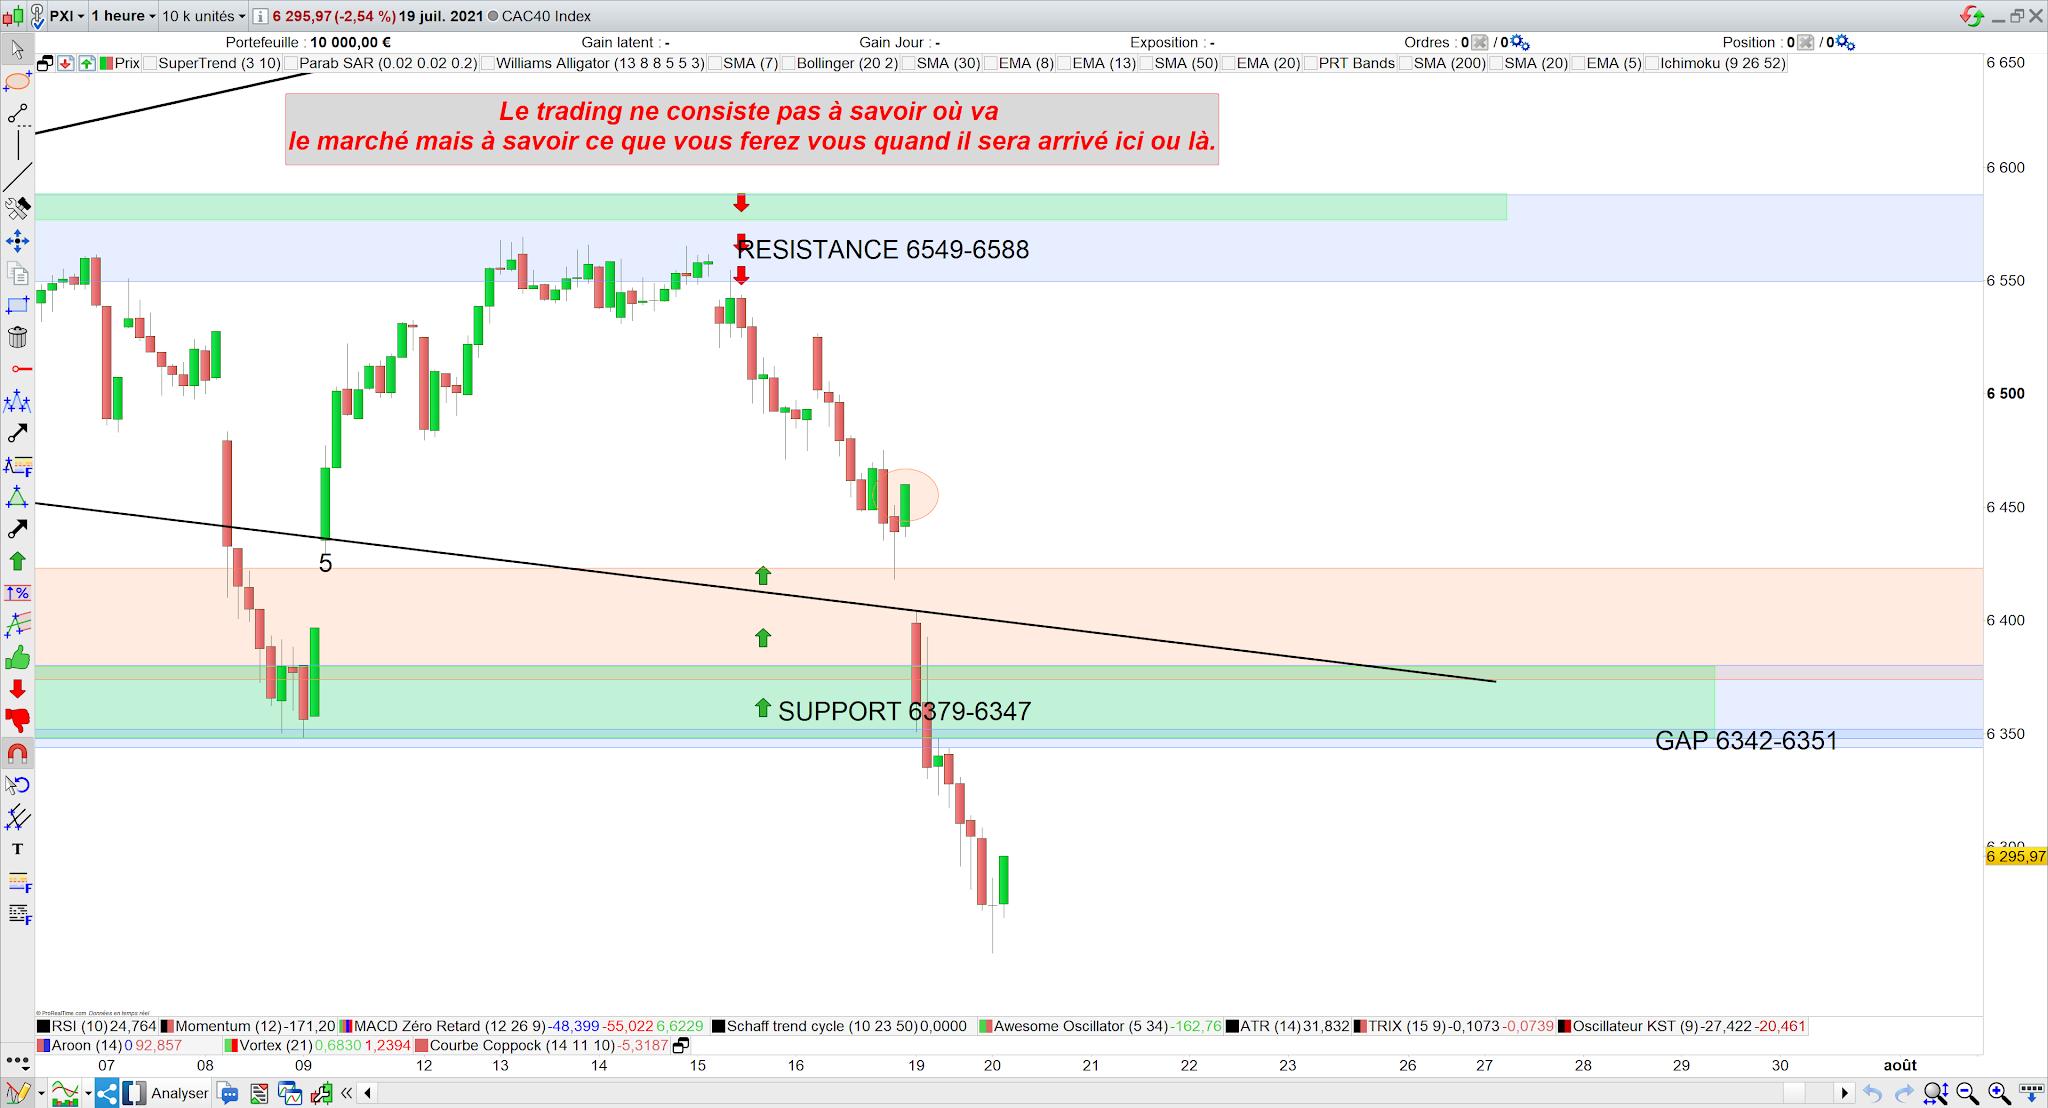 Bilan trading cac40 19 juillet 21